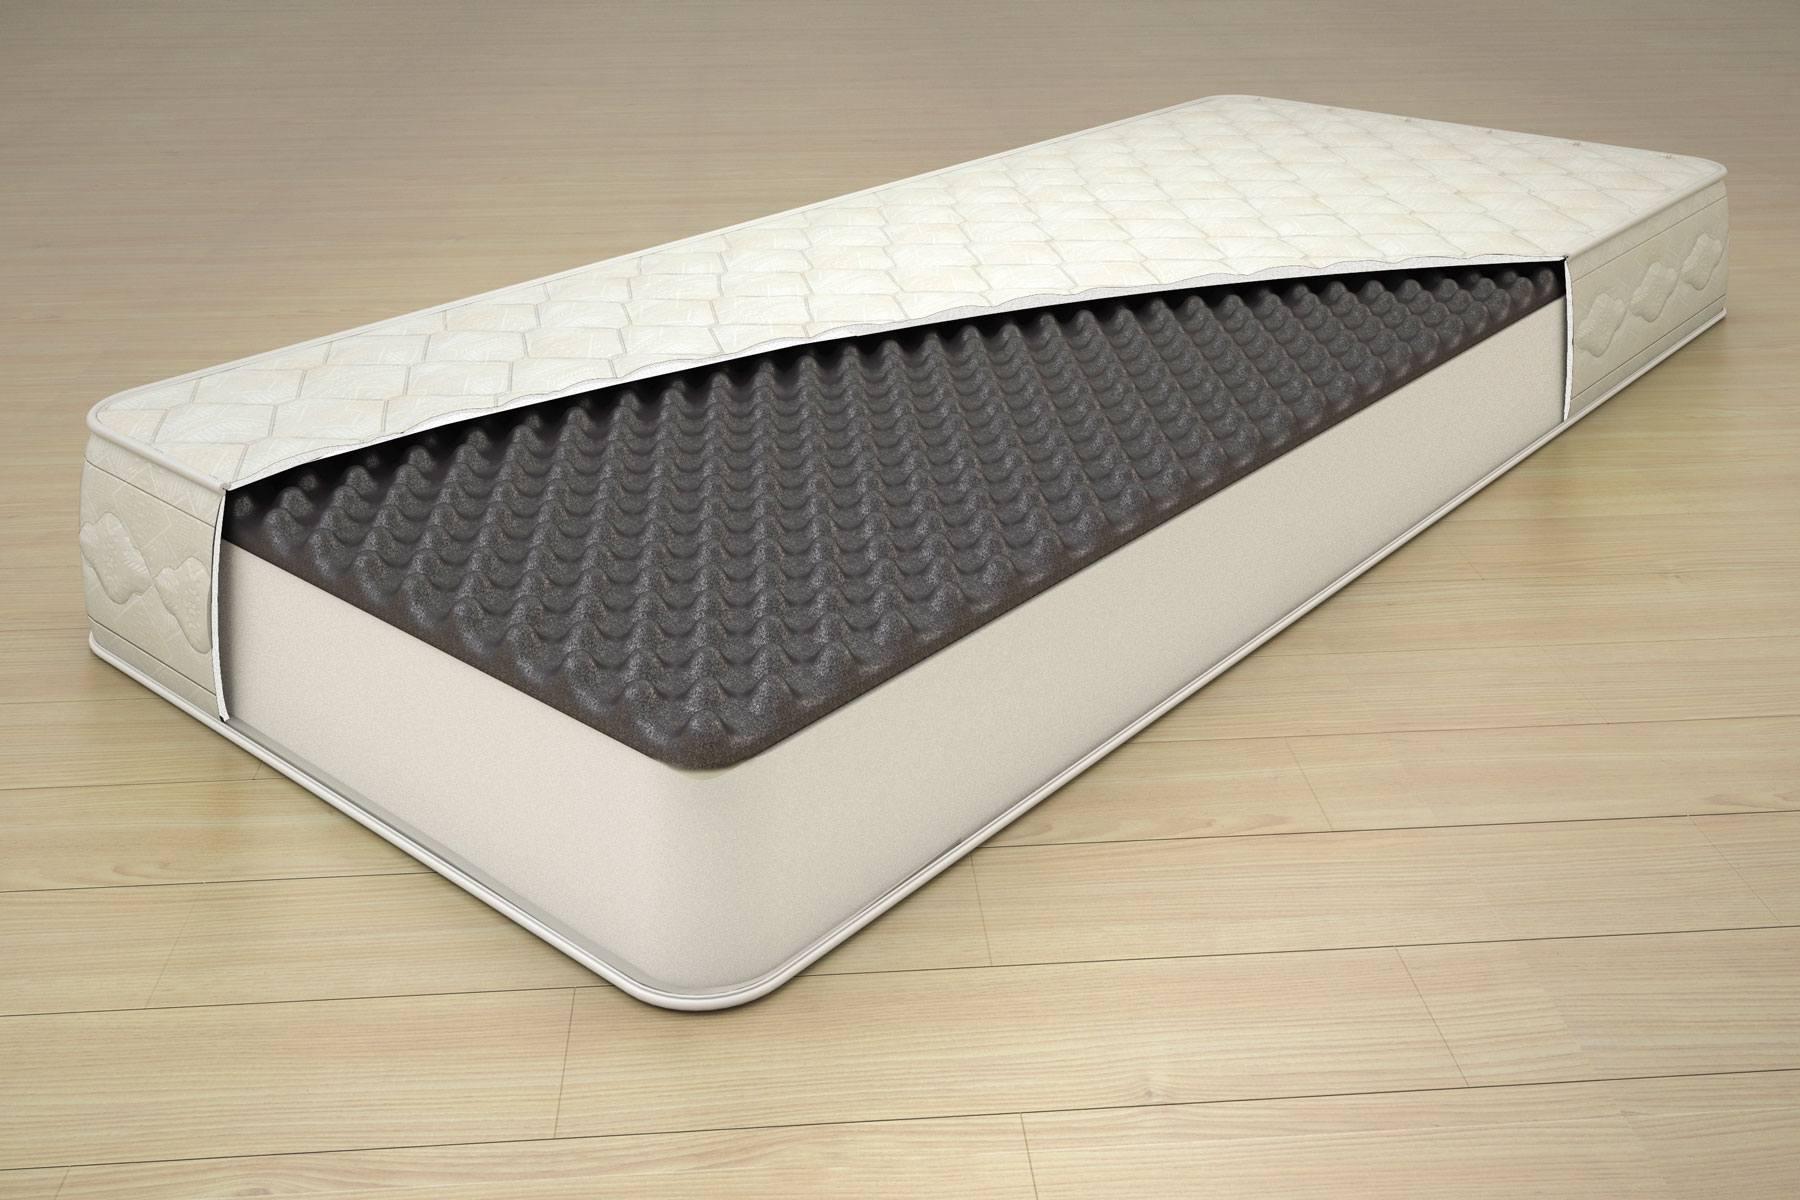 купить диван угловой от производителя в спб